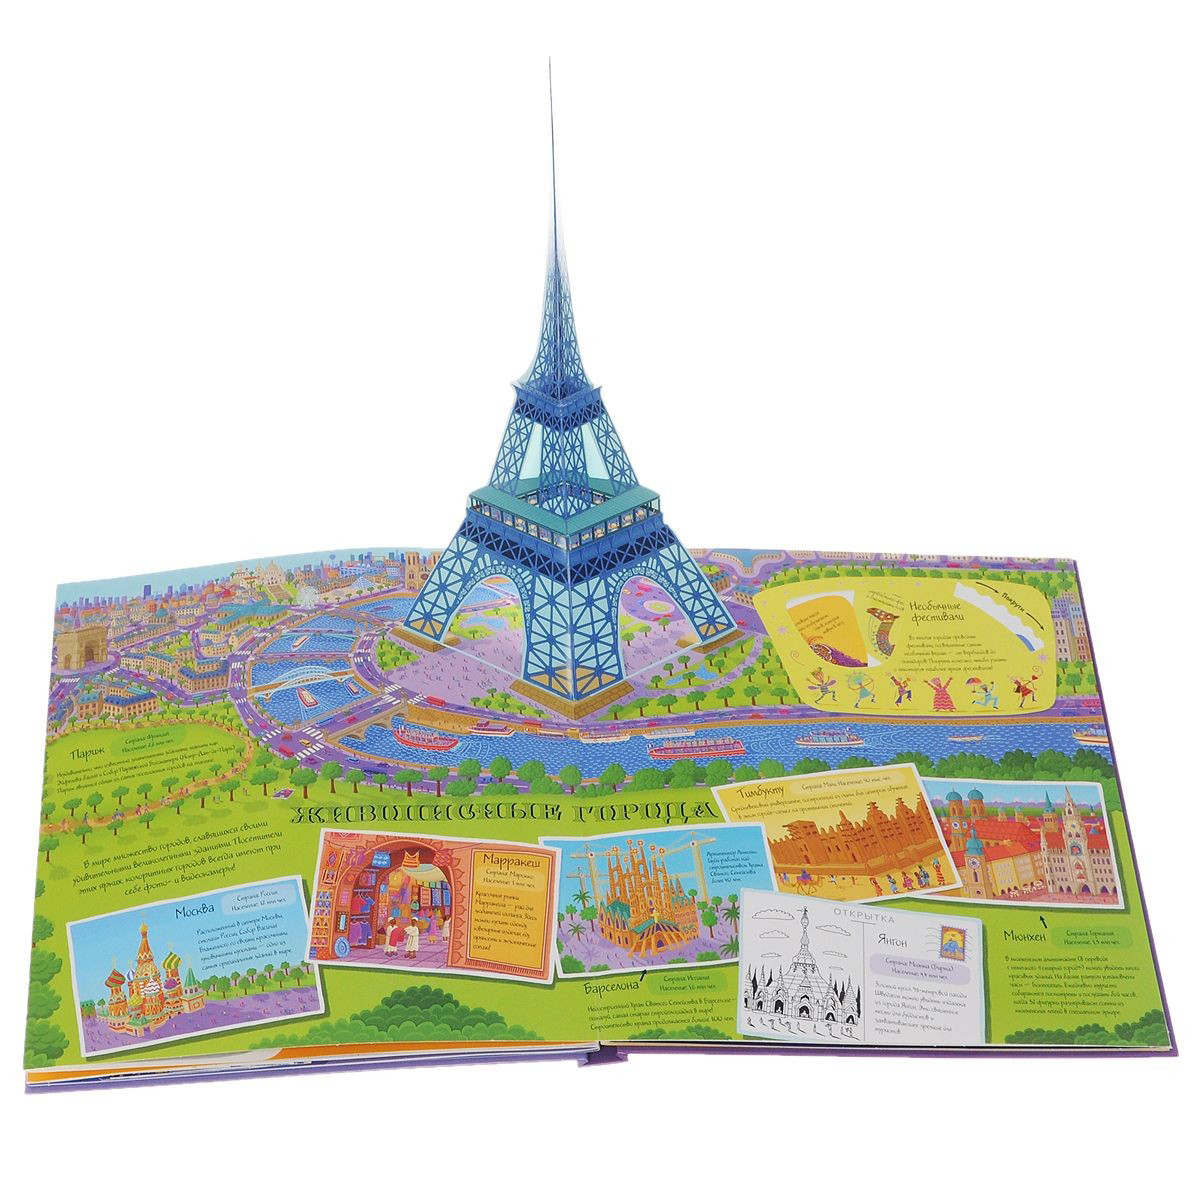 Книга  Мой объемный атлас городов, для детей от 5 лет - Энциклопедии , артикул: 157712